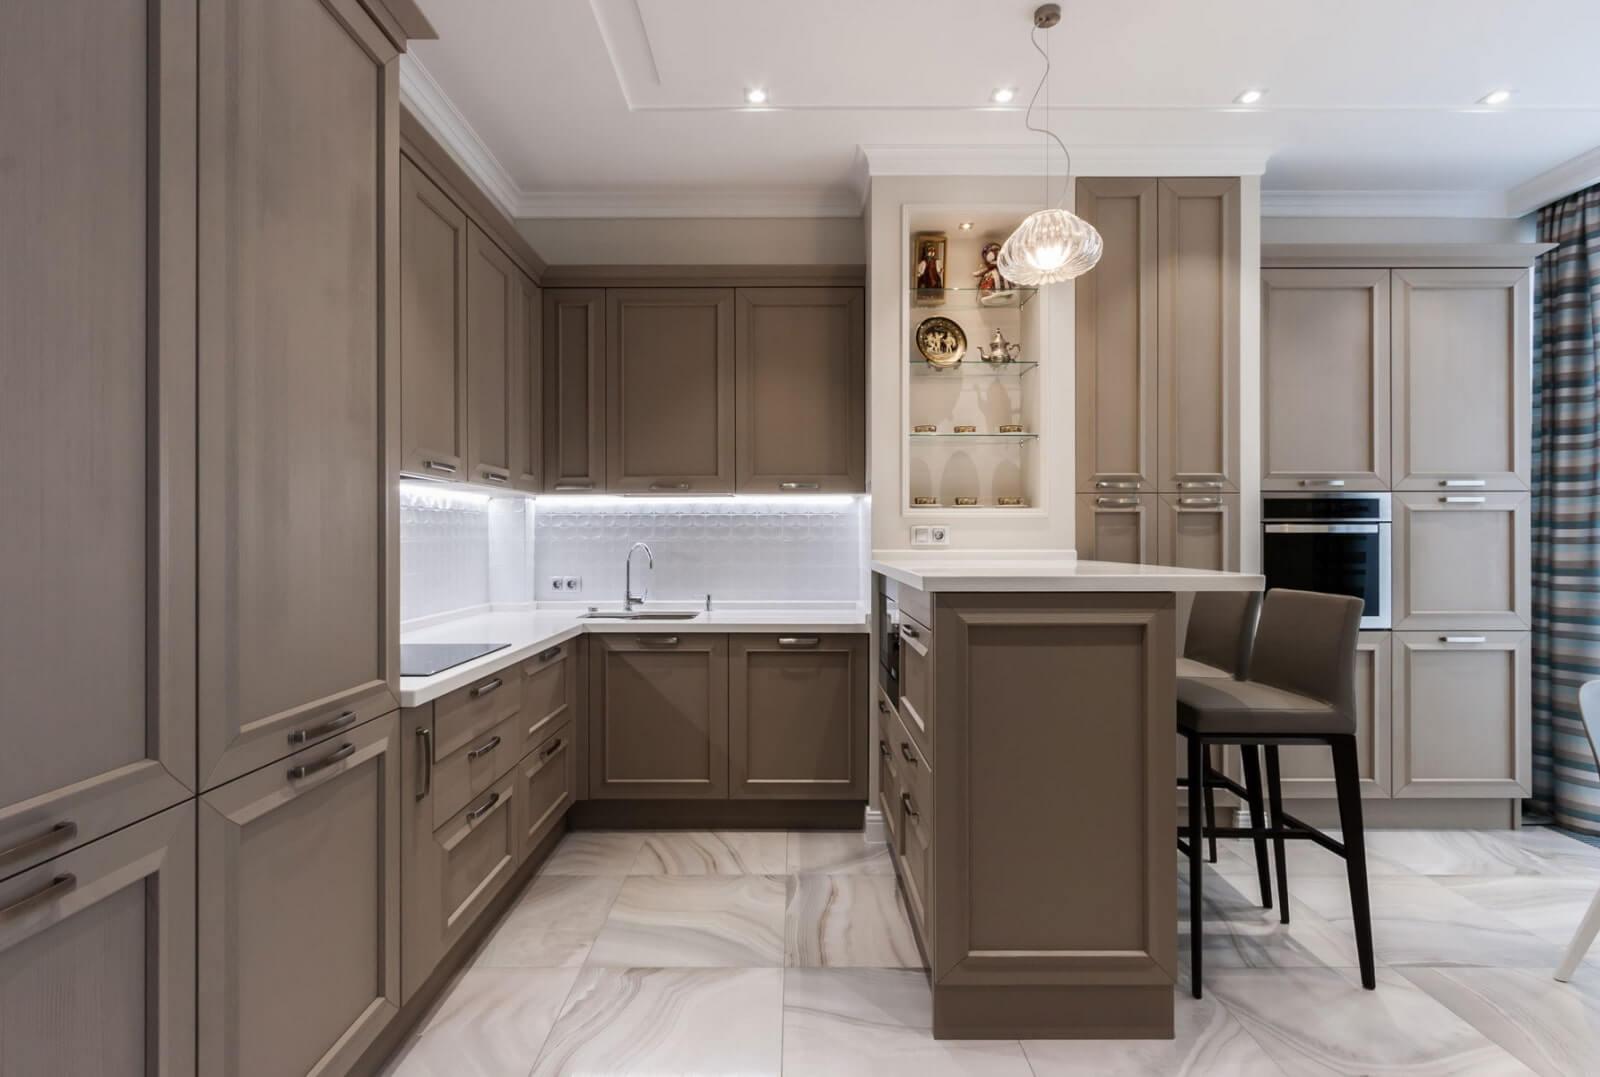 Thiết kế nhà bếp tân cổ điển 2